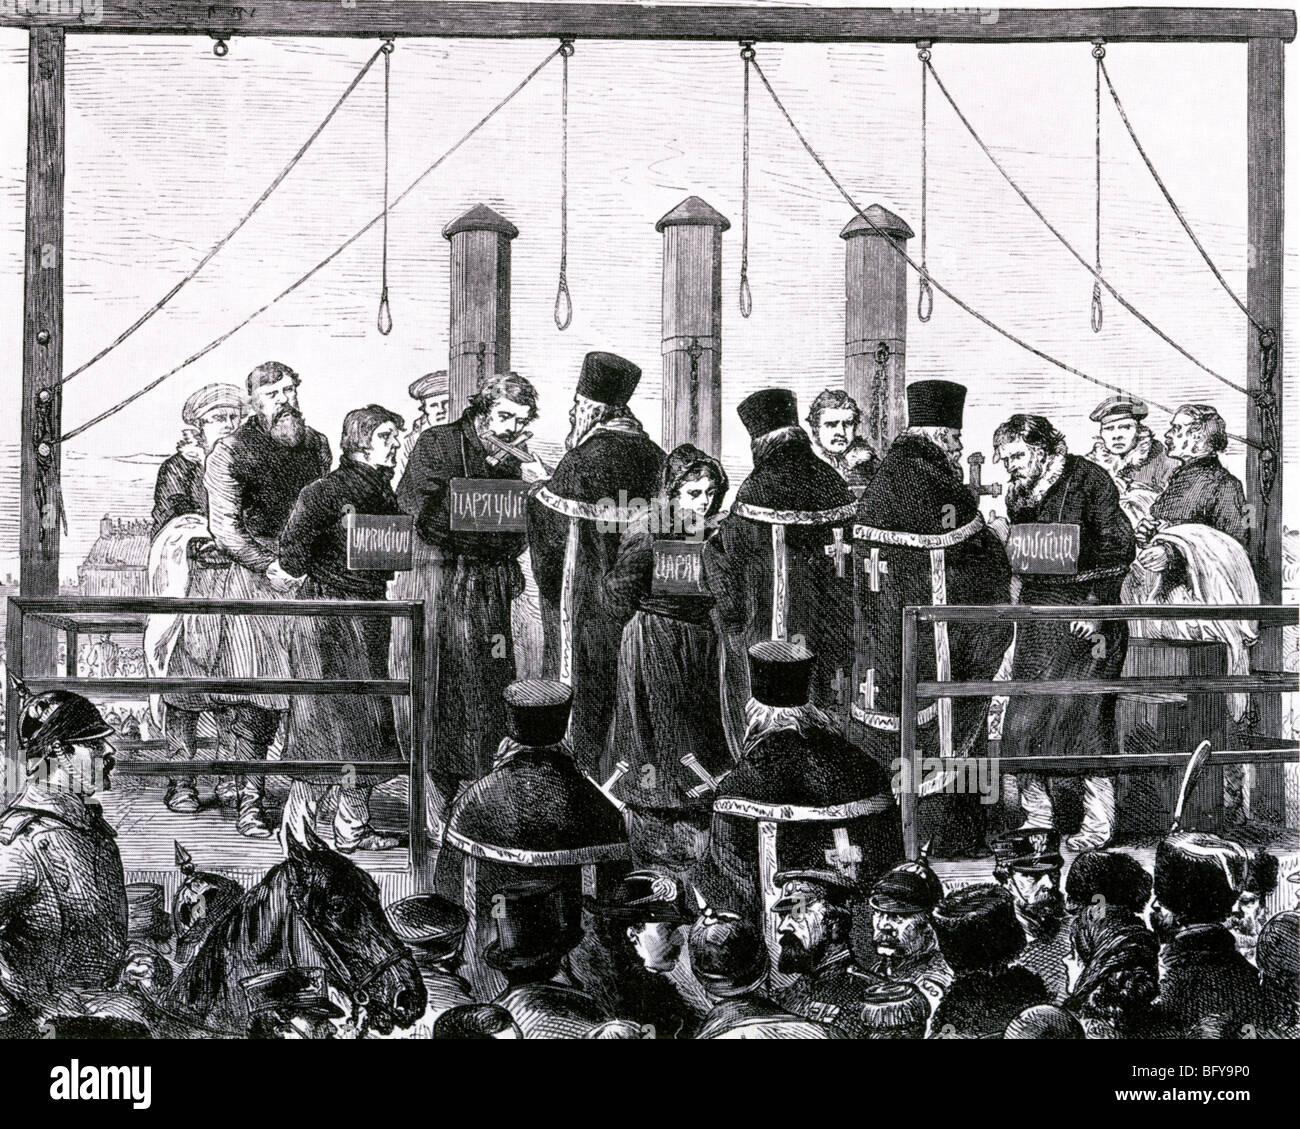 Asesinato de Alejandro II de Rusia de marzo de 1881. Cinco de los asesinos fueron ahorcados, otros enviados a Siberia Imagen De Stock